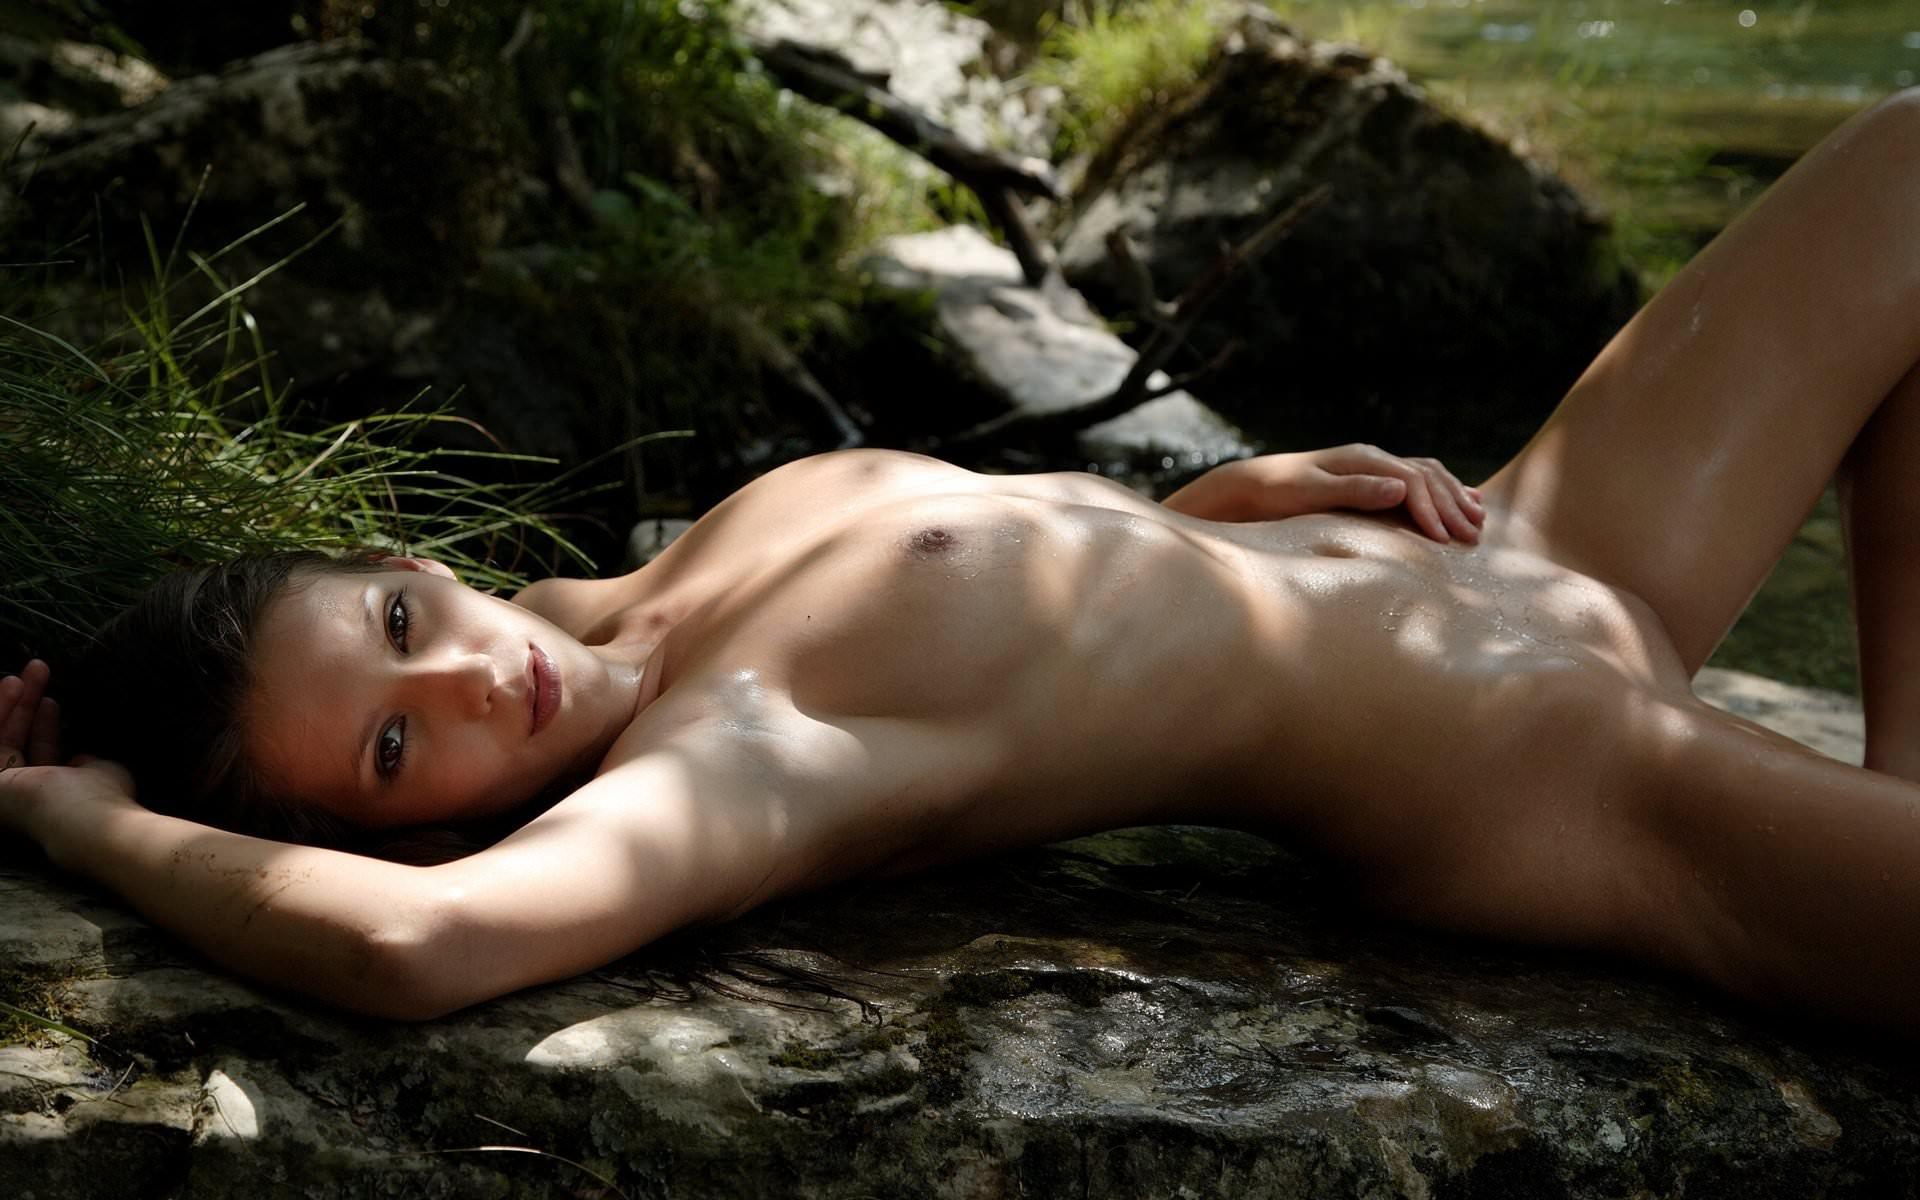 Профессиональные фото обнаженных женщин, Красивая обнаженка 8 фотография